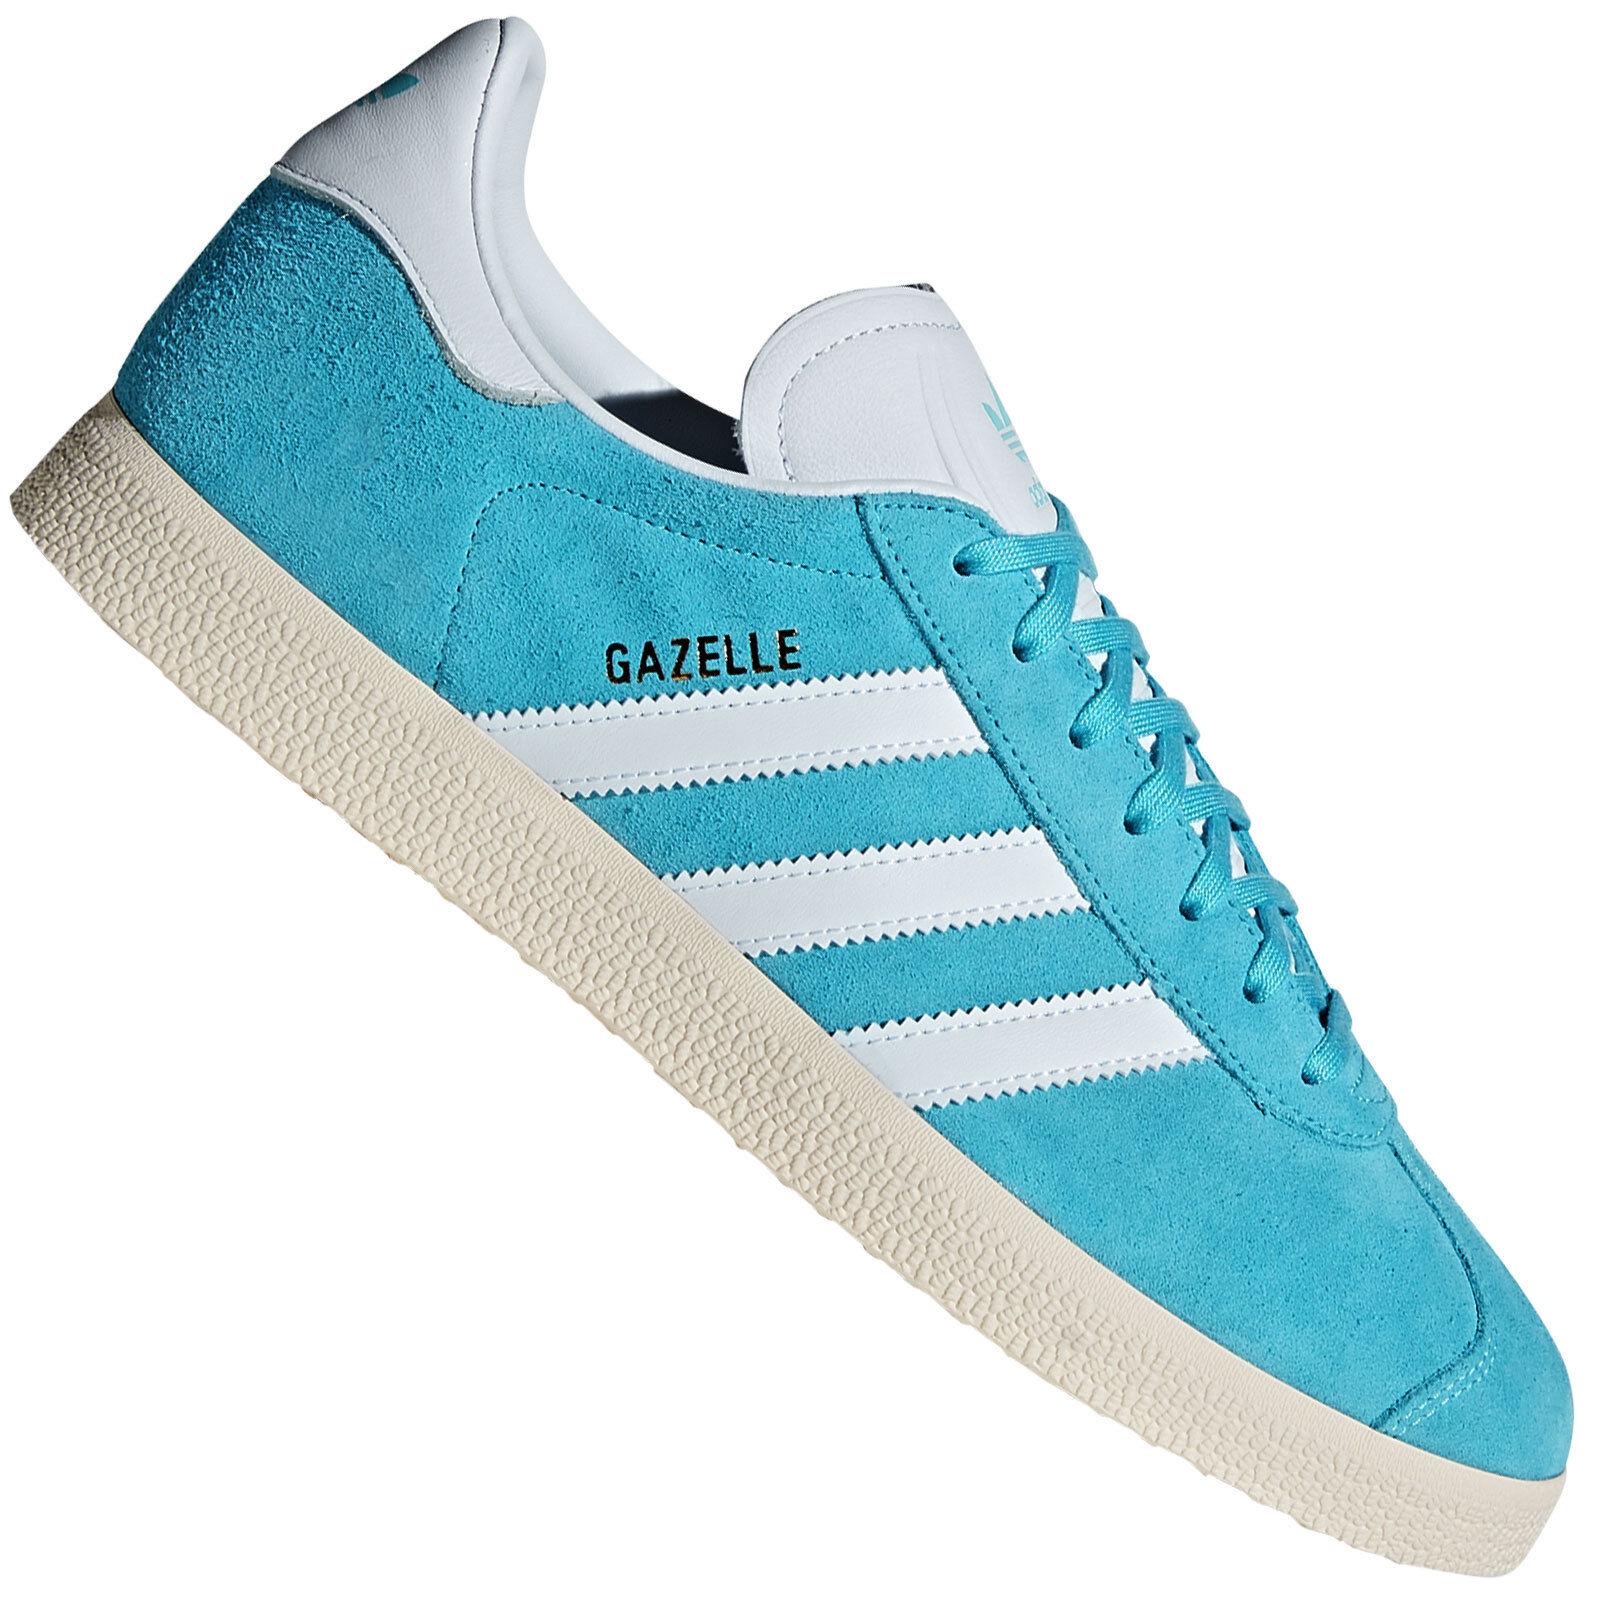 Adidas Originals Gazelle scarpe da ginnastica Scarpe Scarpe Scarpe Ginnastica casual donna bambino d738c7